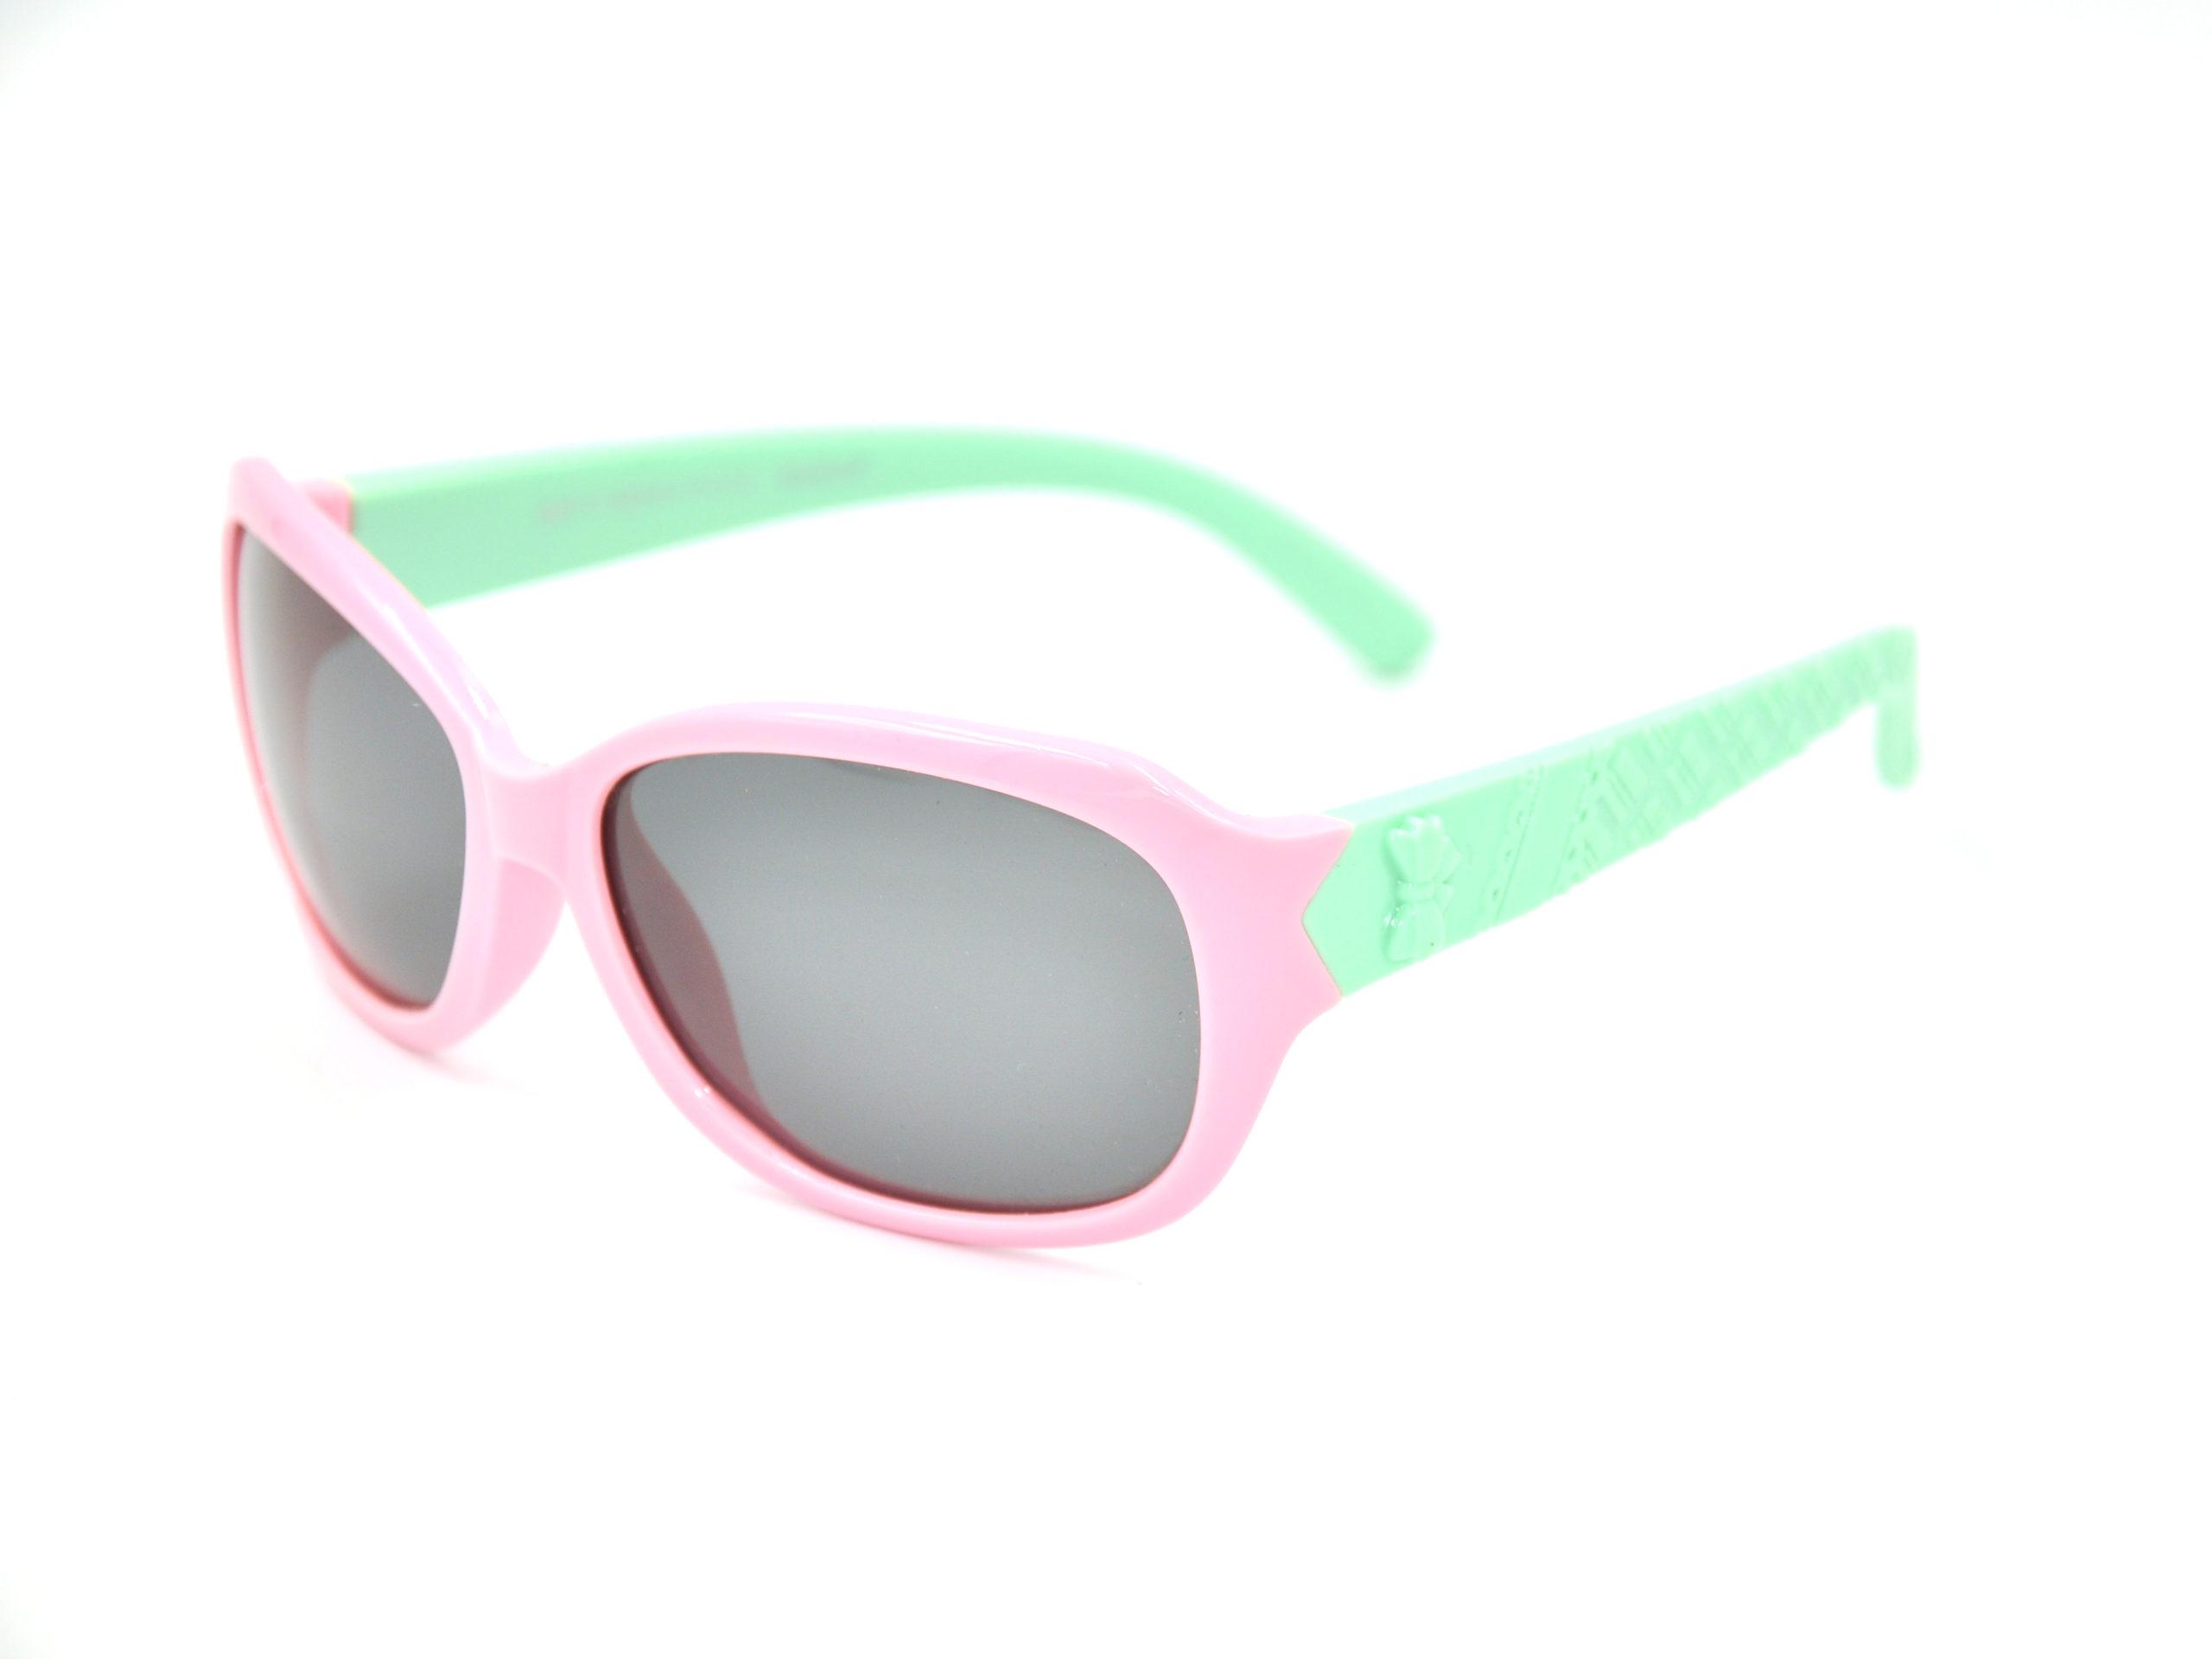 QUADRANT S807 P3 Sunglasses 2020